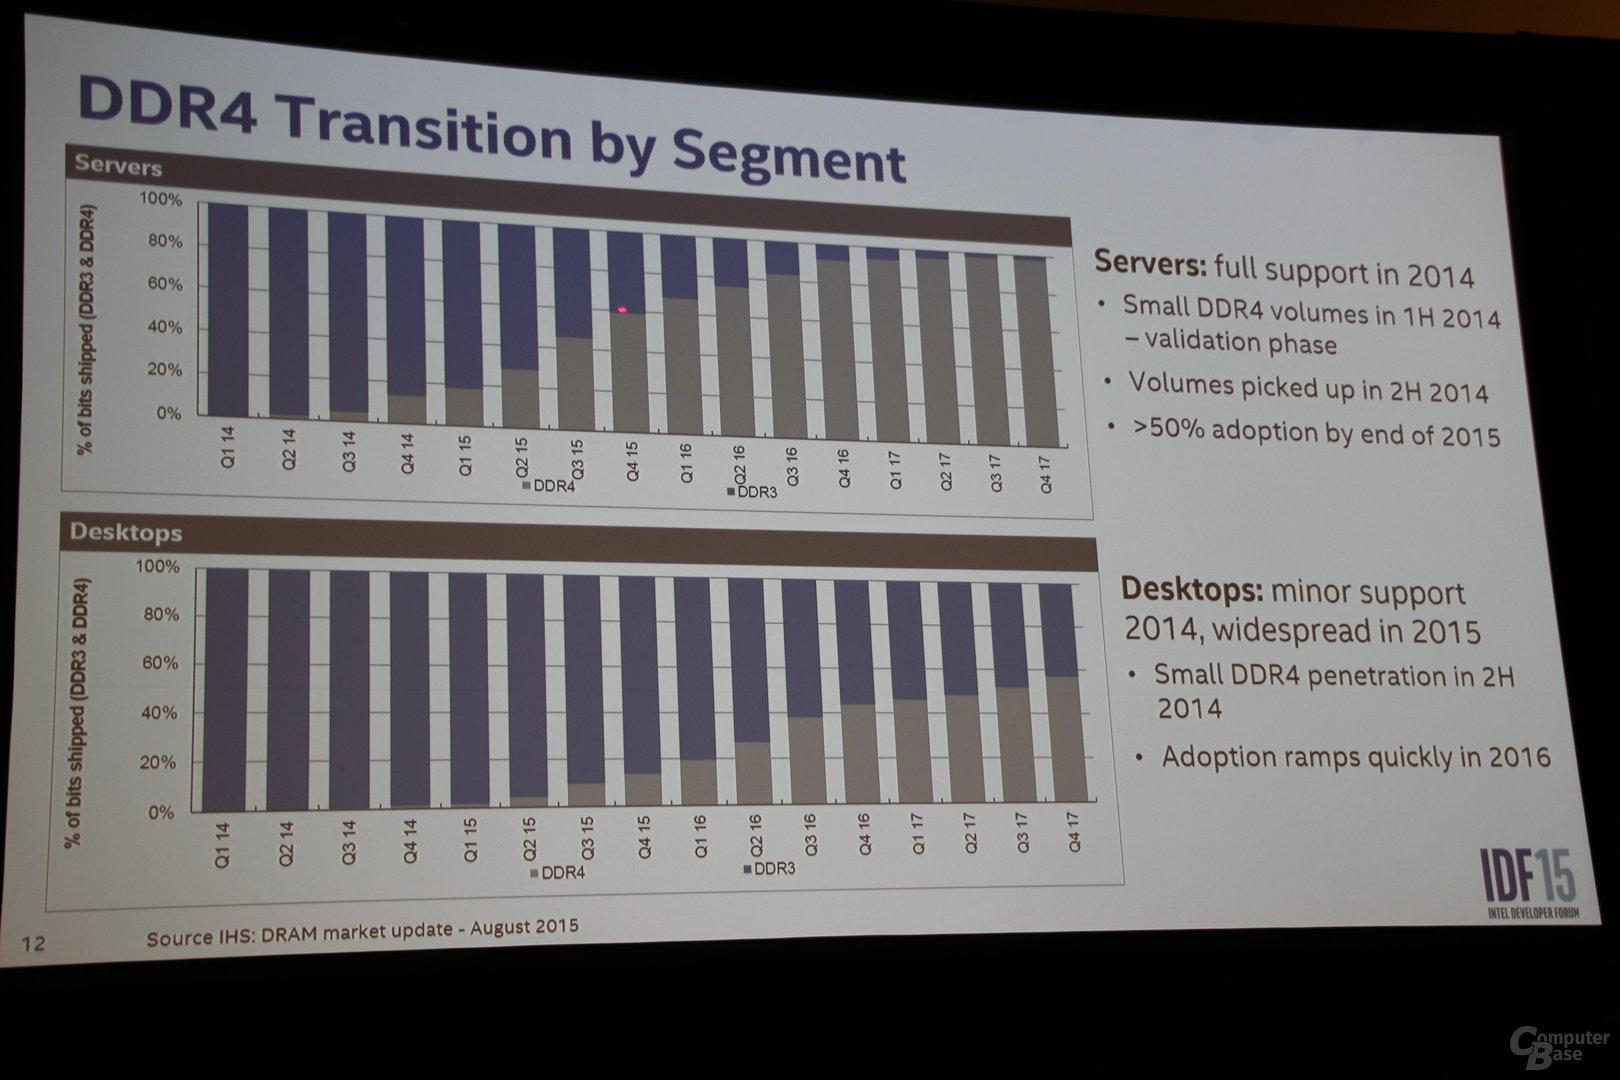 DDR4 löst DDR3 ab – zuerst bei Servern